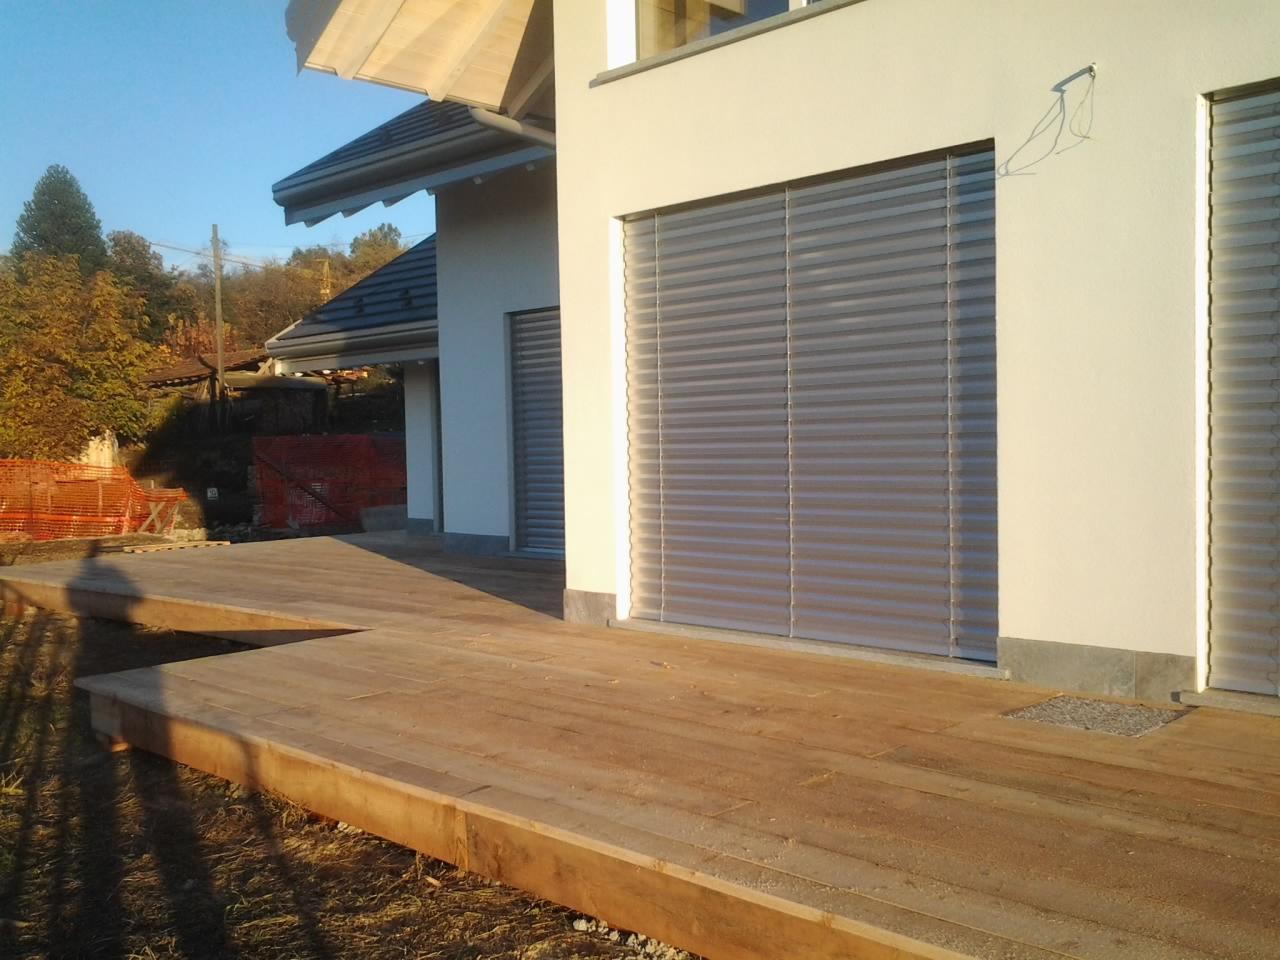 Marciapiedi Esterni Casa : Pavimento cemento esterno stampato per villa casa moderno laminato